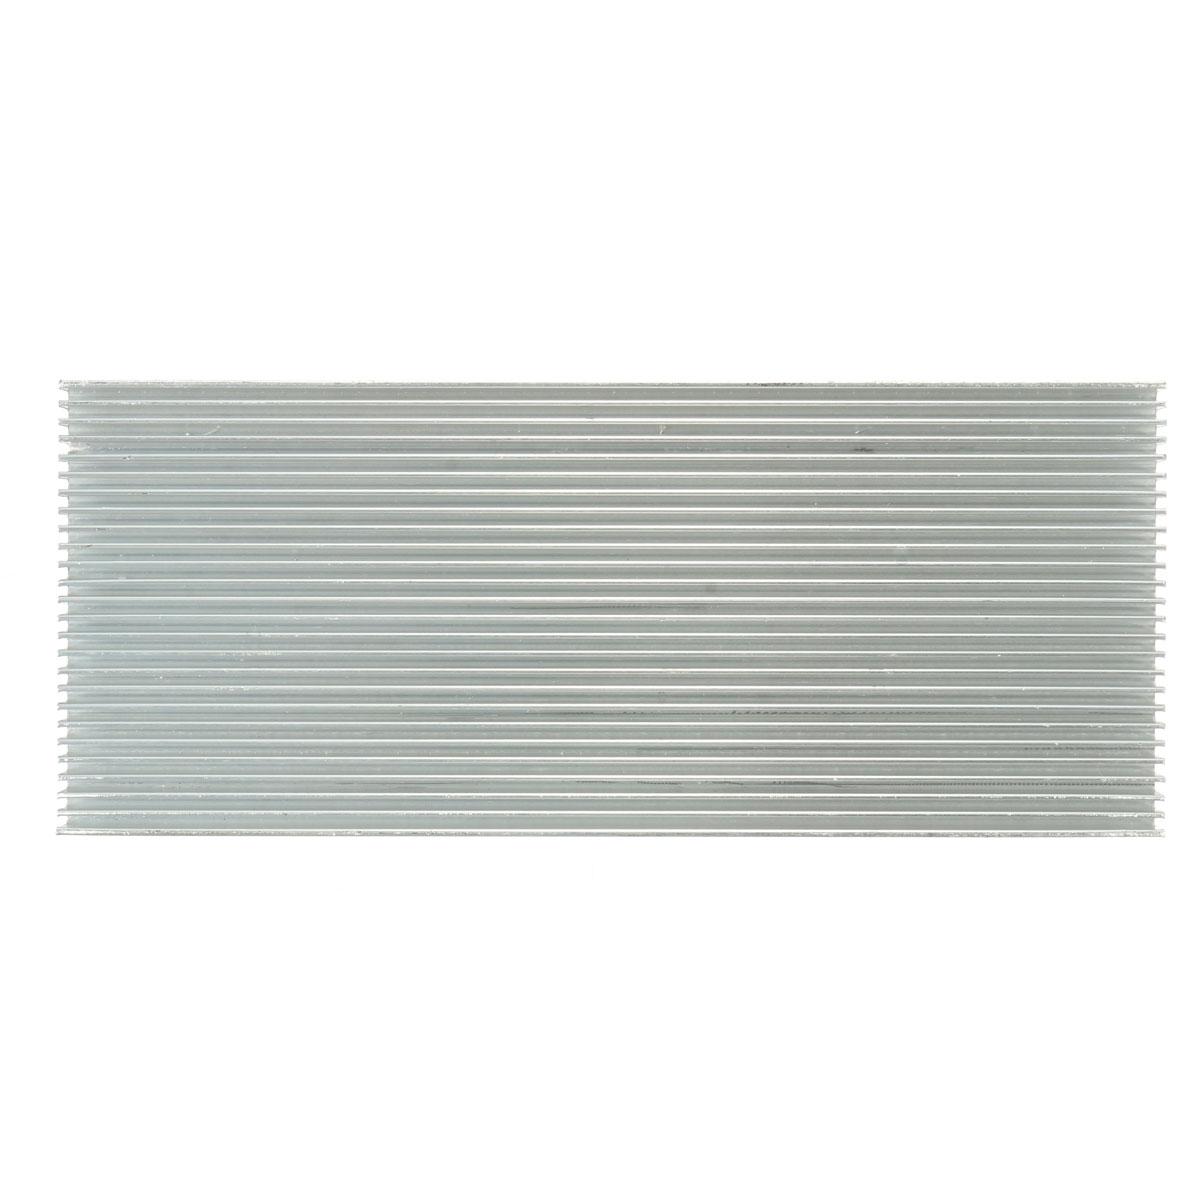 5pcs 100x41x8mm алюминиевый радиатор радиатора радиатора для высокой мощности LED Усилитель Охлаждение транзистора - фото 2